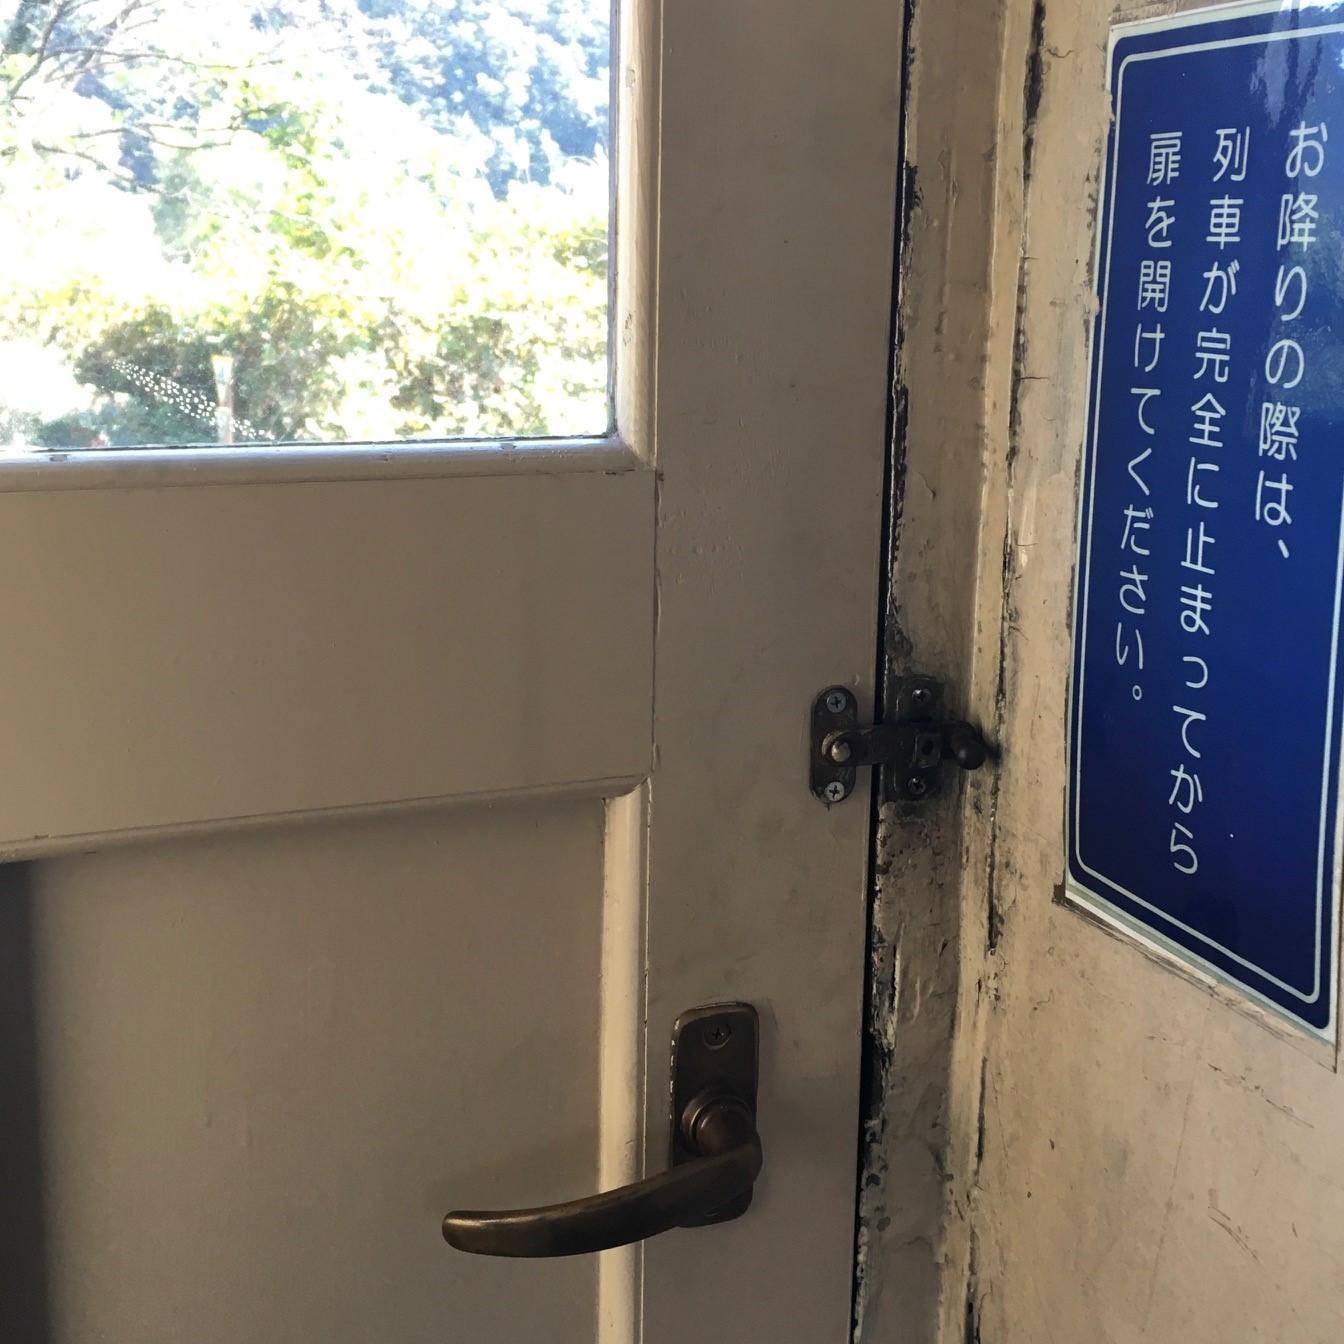 昔の客車に乗りたくて、大井川鐡道へ。_1_1-3